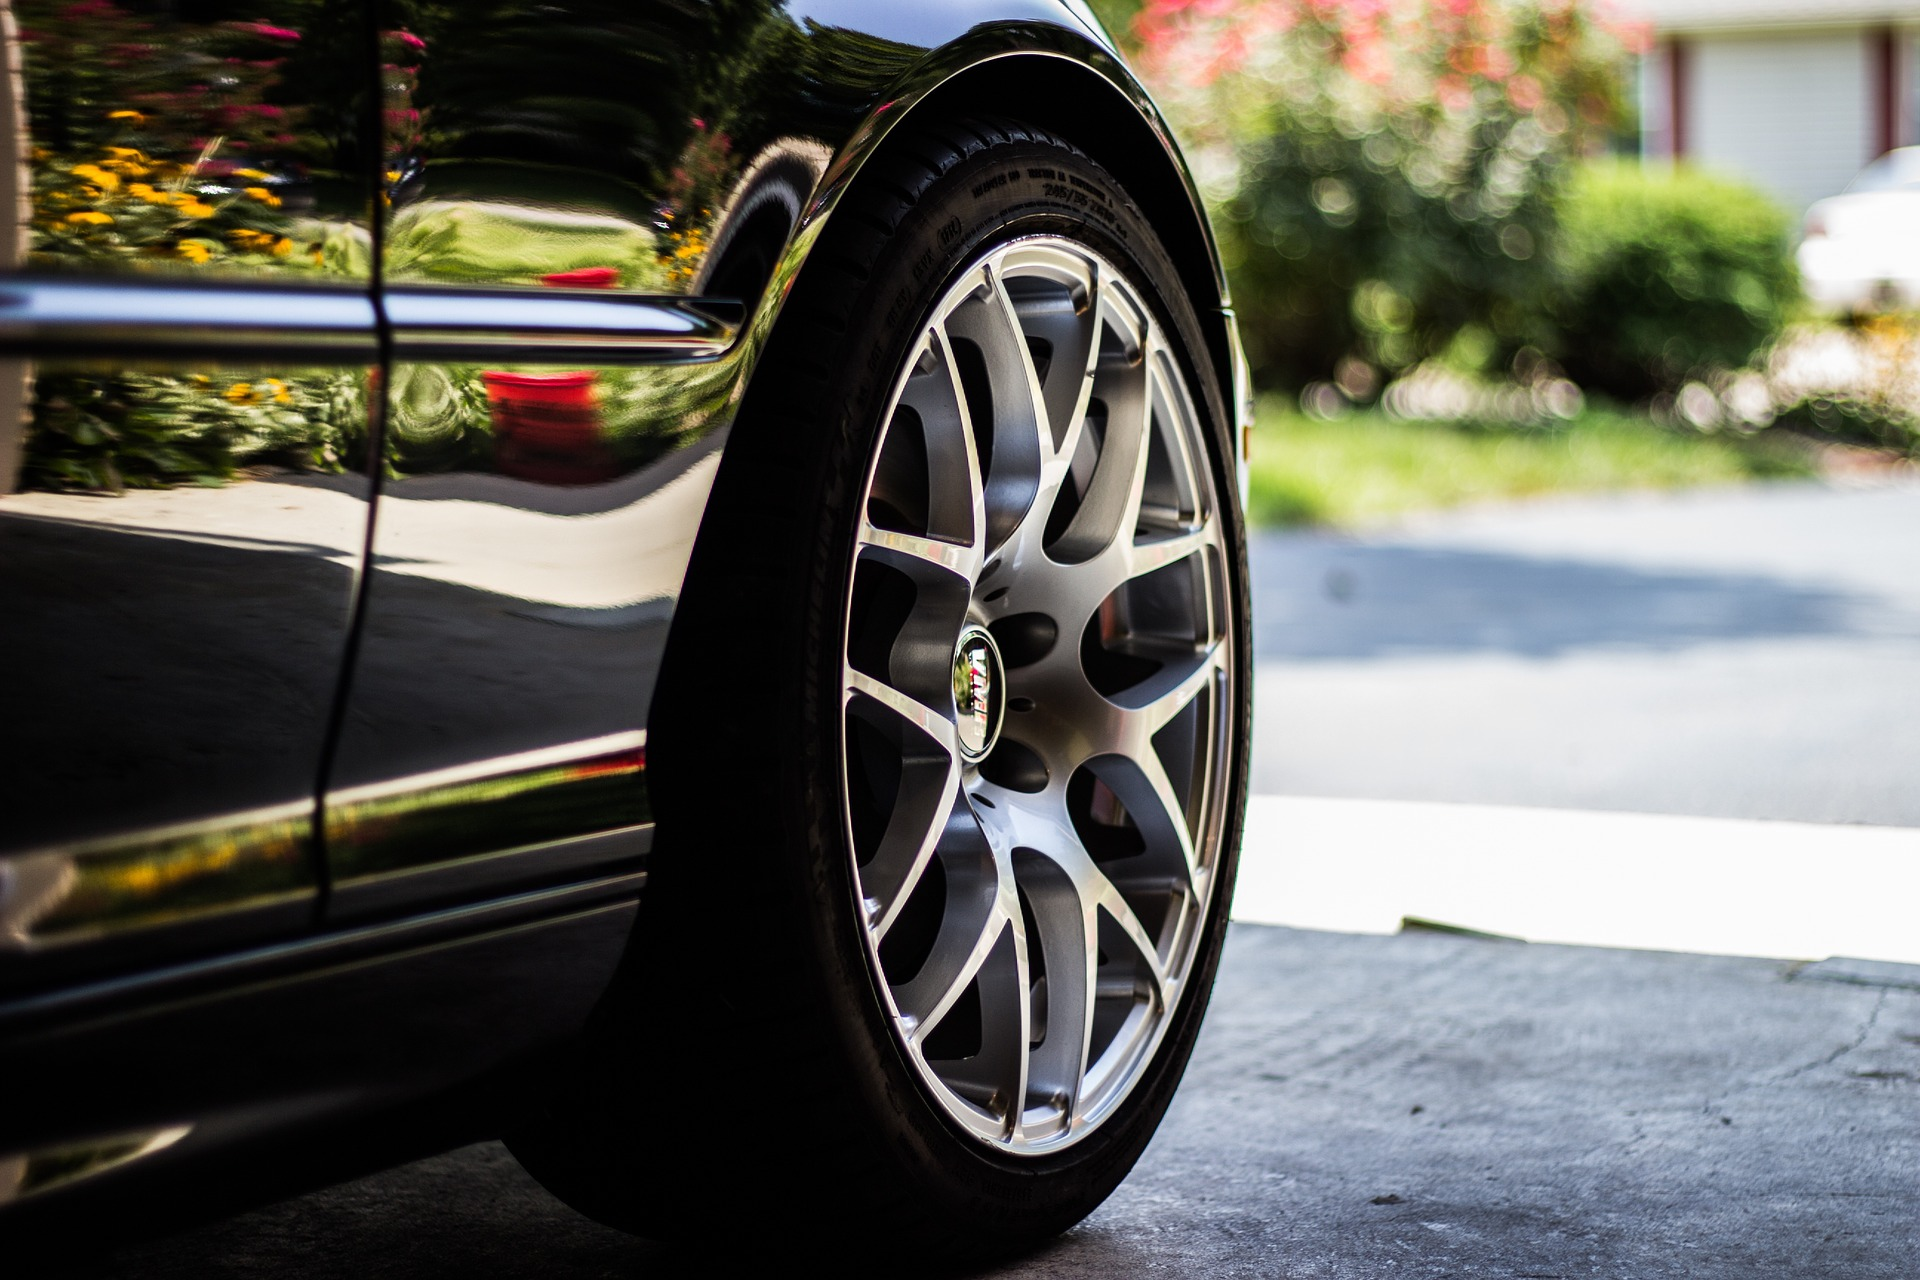 Svadba a vy máte špinavé auto?